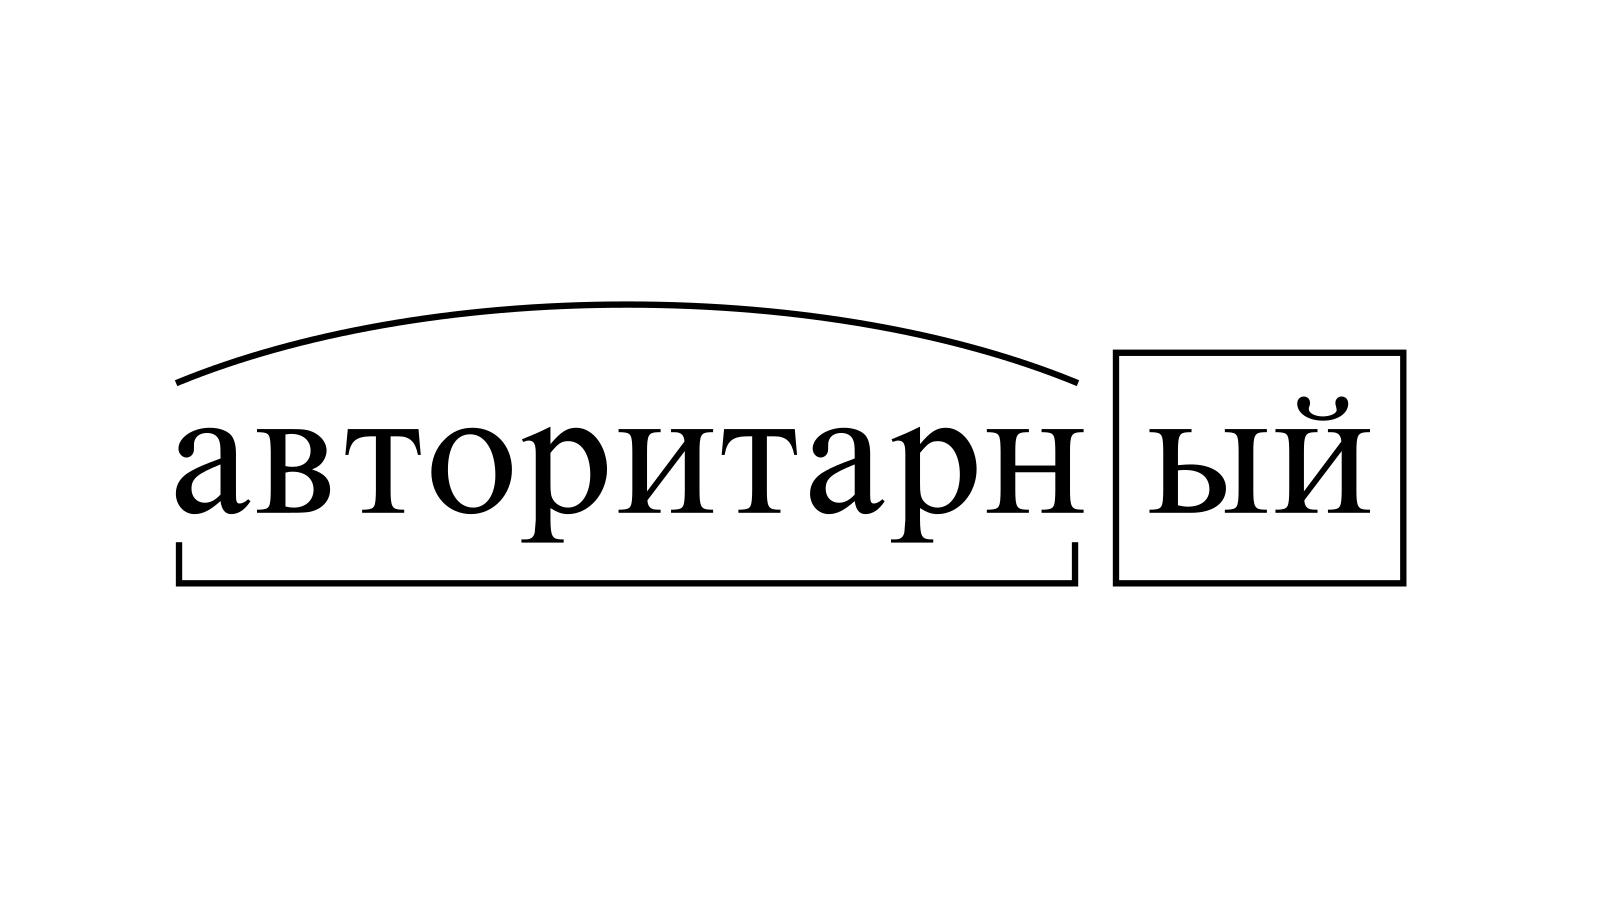 Разбор слова «авторитарный» по составу